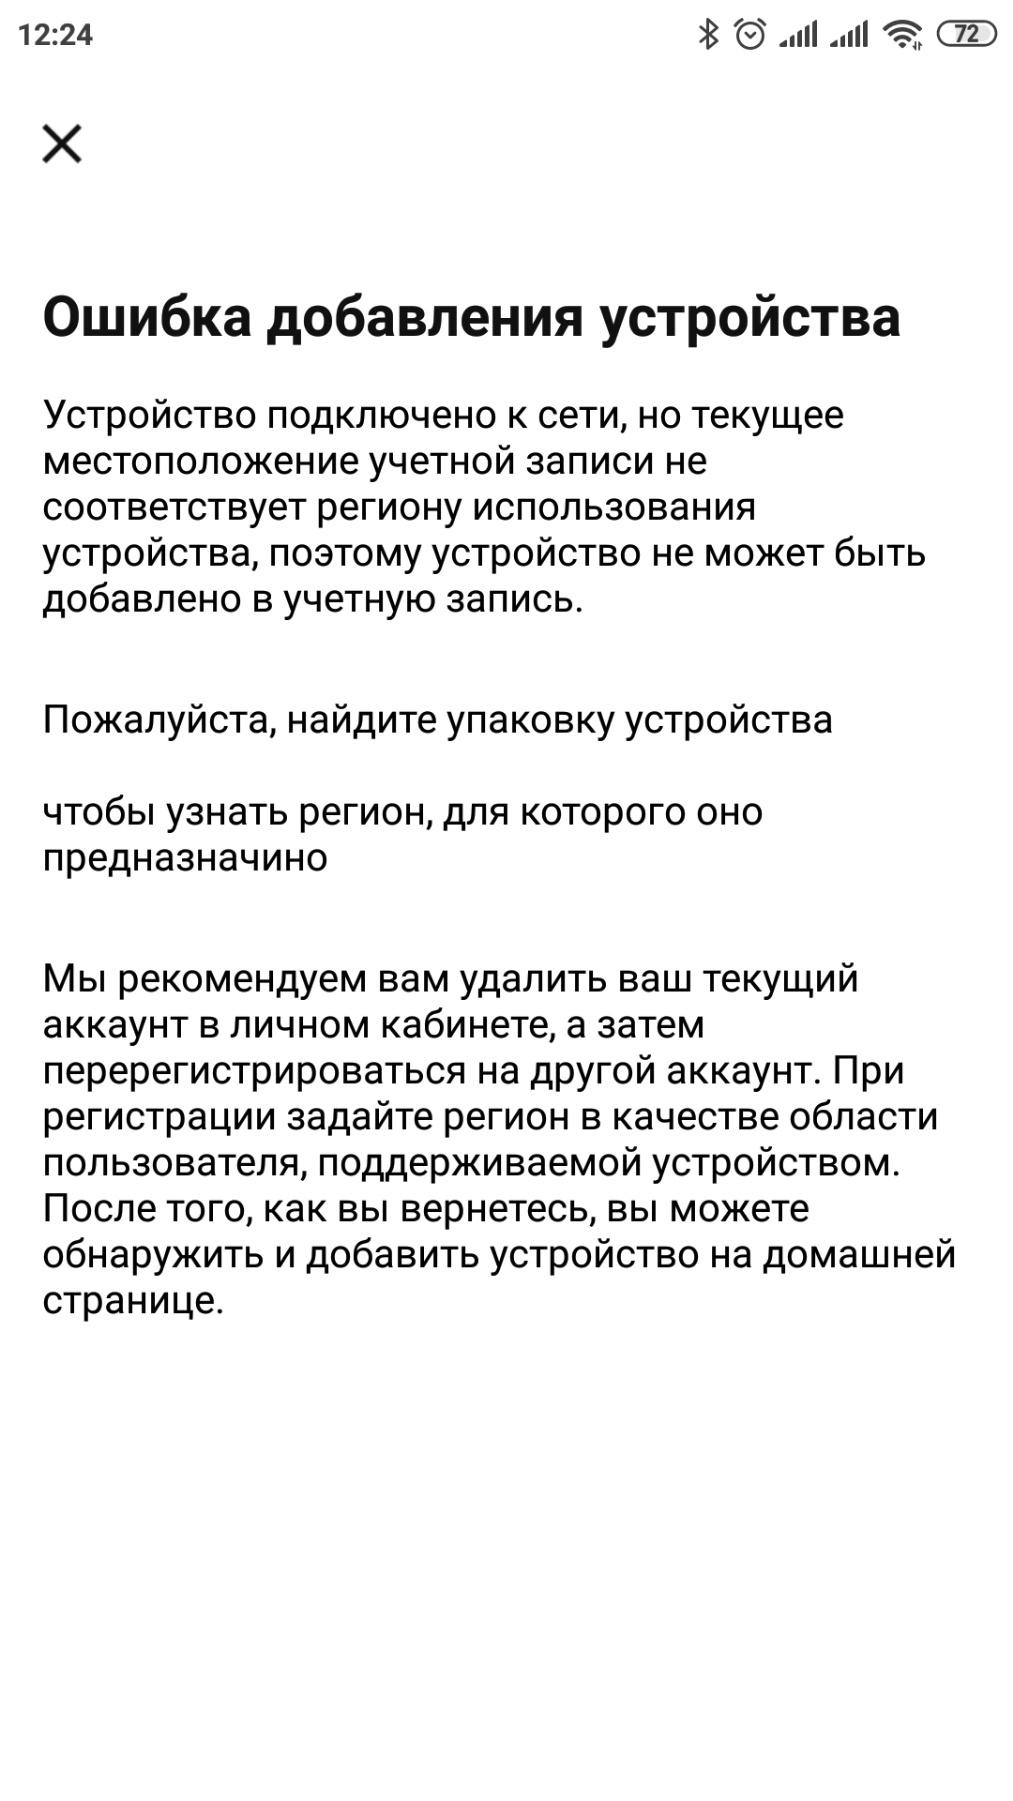 http://ngeotest.1gb.ua/TEMP/22.jpg